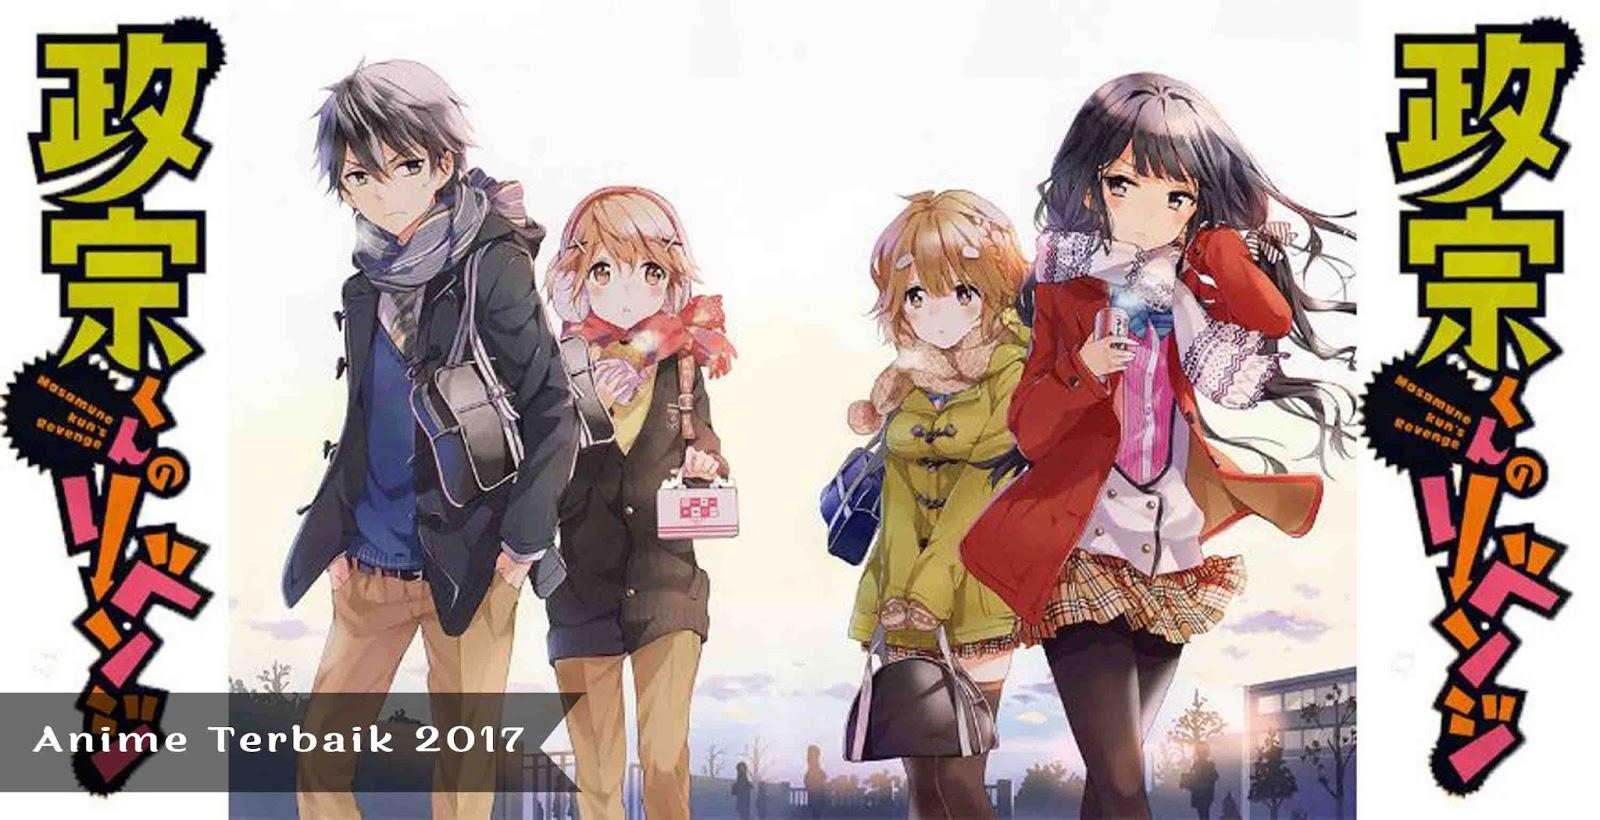 Nah Pada Kesempatan Kali Ini Kami Akan Menyajikan Daftar Anime Terbaik Yang Segera Rilis Di Tahun 2017